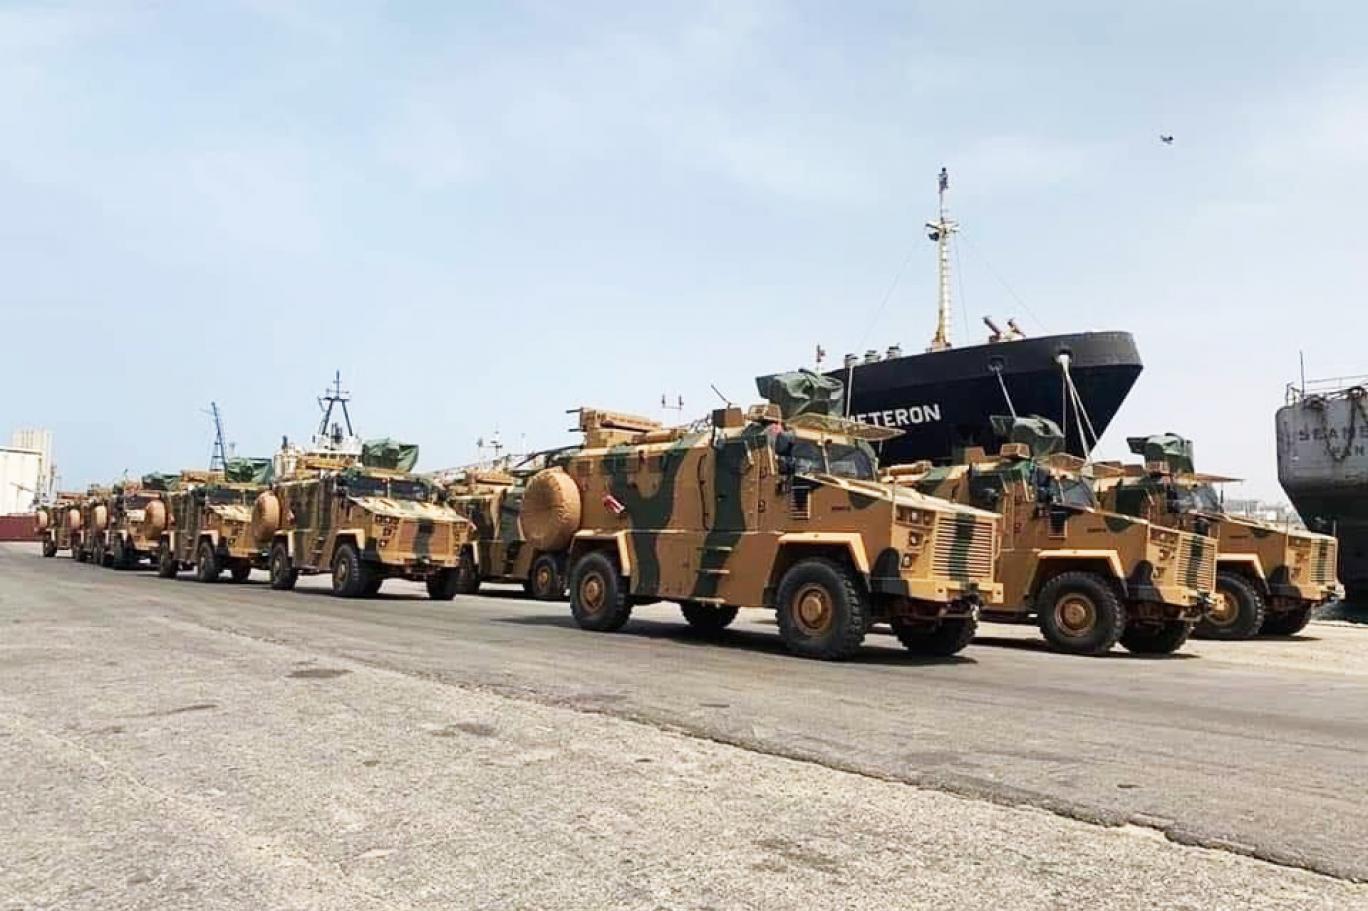 Τόμπολα!!! Πλοίο που μετέφερε όπλα της Τουρκίας στη Λιβύη στα χέρια της Ακτοφυλακής της Ιταλίας – Πολιτικό άσυλο ζήτησε ο β΄ καπετάνιος